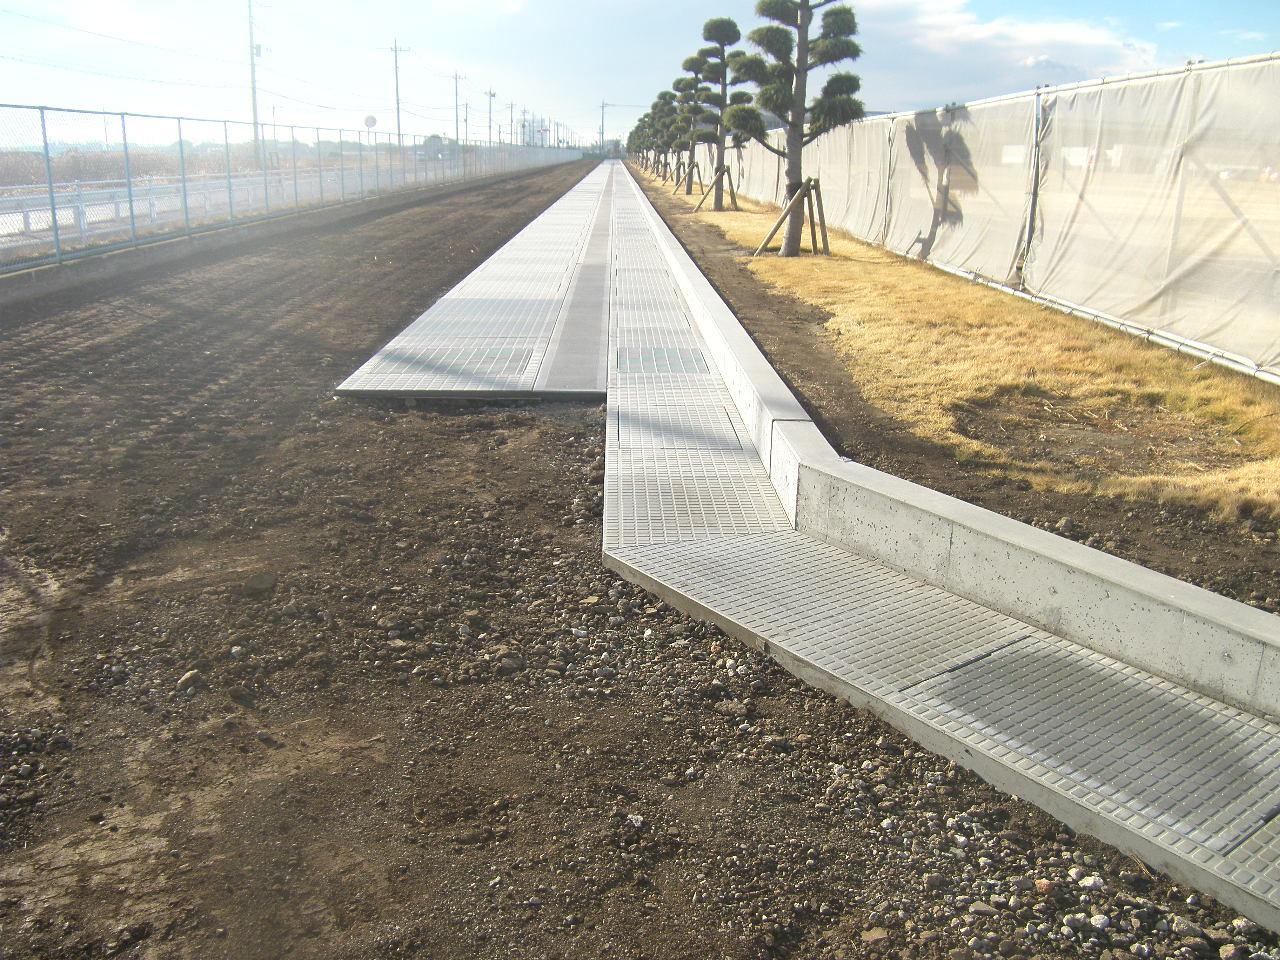 単独7軸道路整備推進事業水路工分割2号 施工後